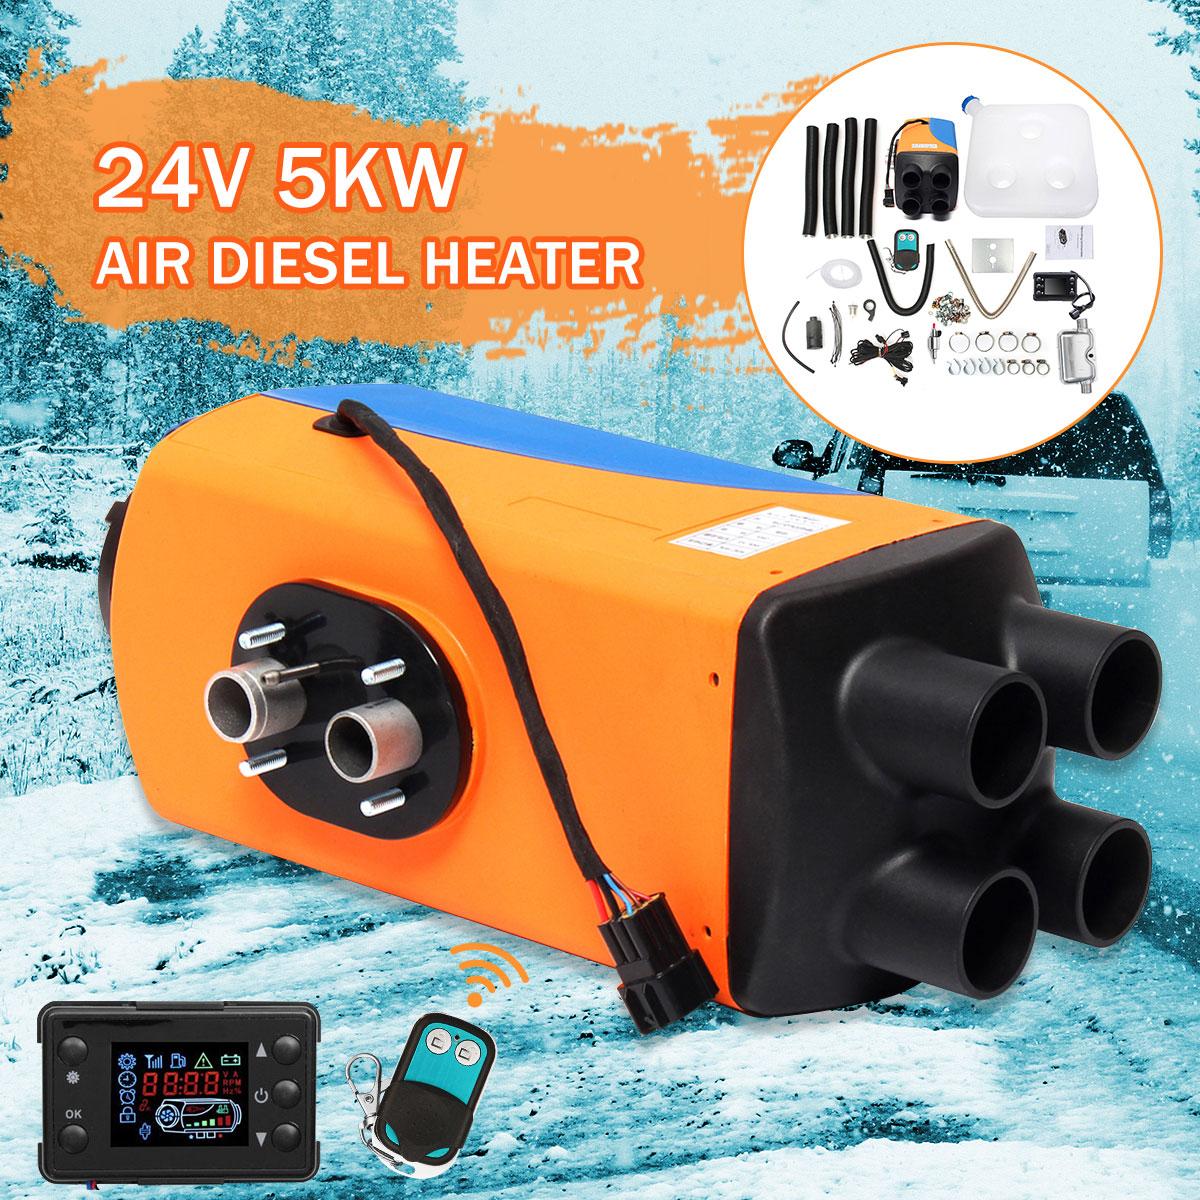 Audew Auto di Parcheggio Aria Diesel Riscaldatore 24 v 5KW 4-Fori 5000 w Riscaldamento Dell'automobile + Interruttore LCD + silenziatore per Camper Barche Auto Accessorie